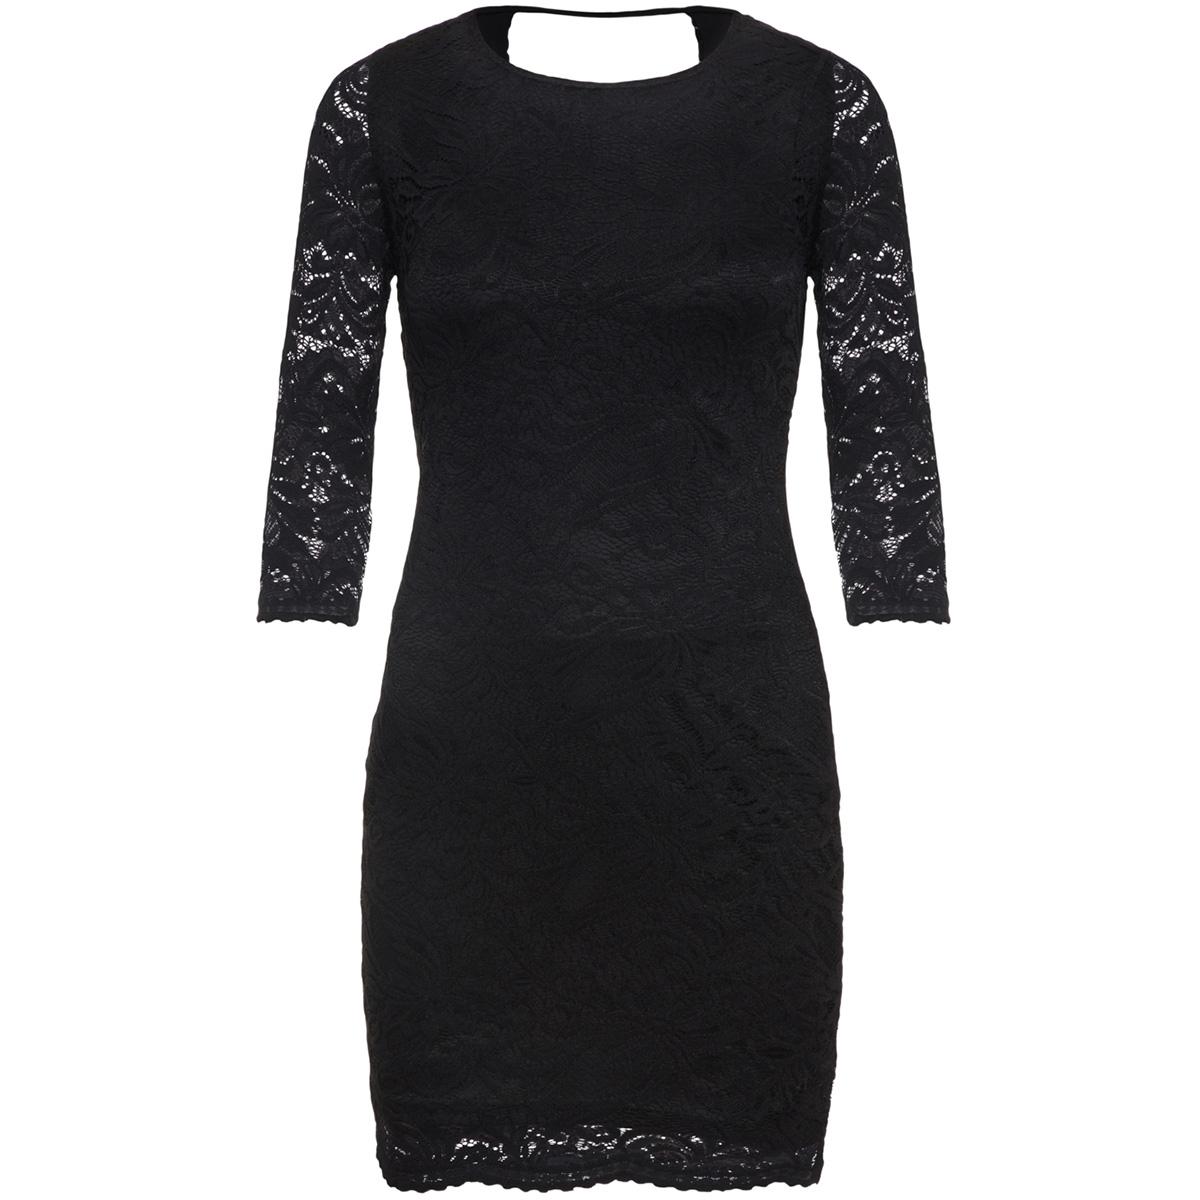 vmsandra 3/4 lace dress noos 10202307 vero moda jurk black